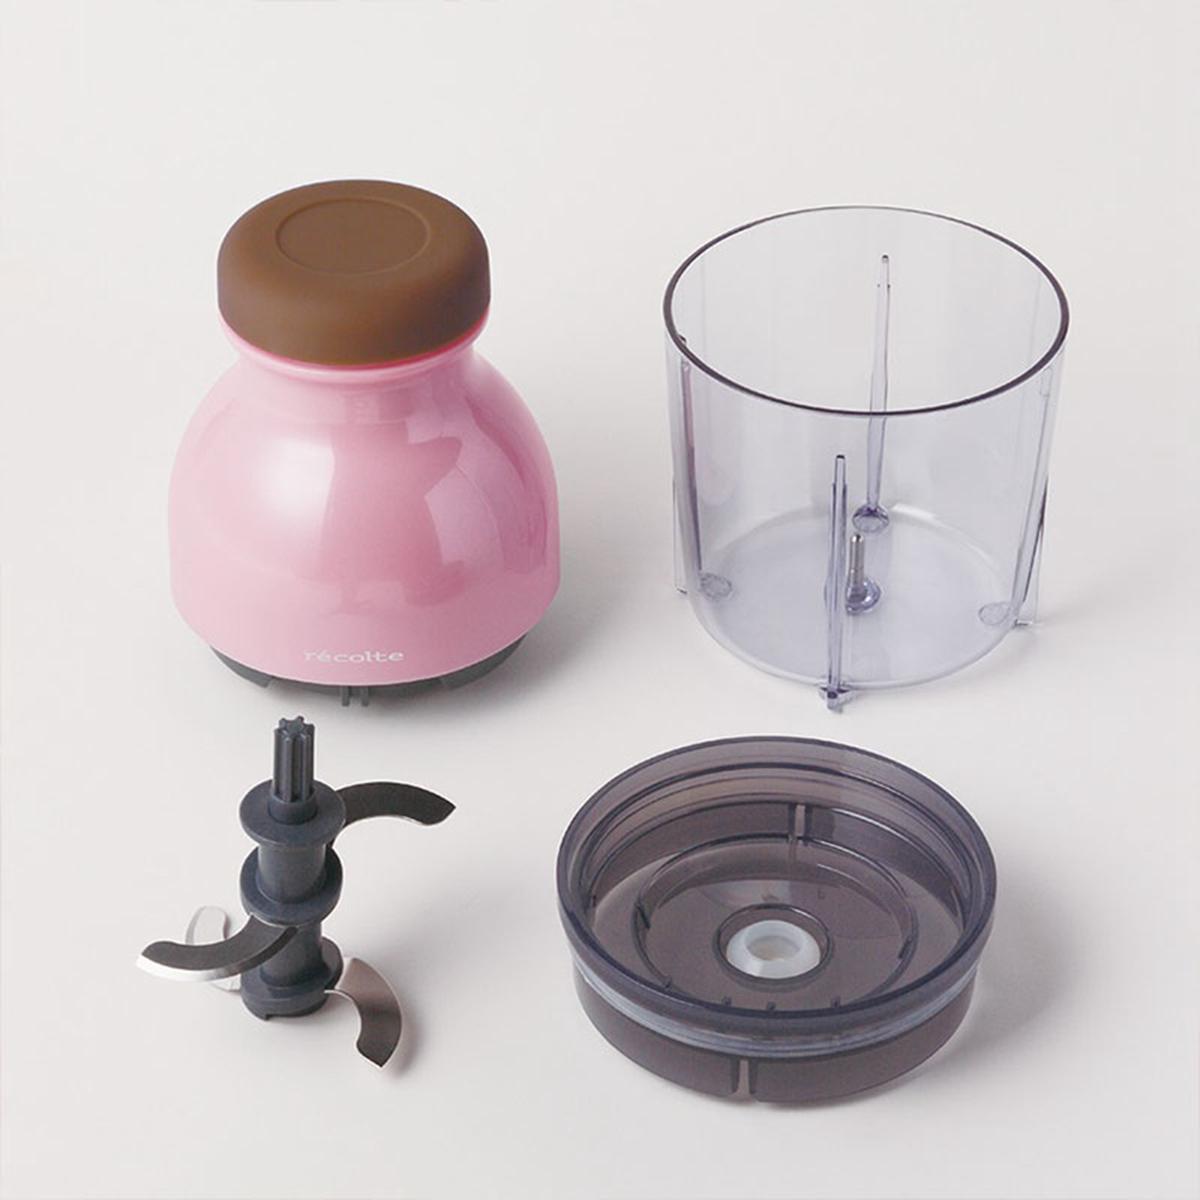 日本recolte时尚小型料理机